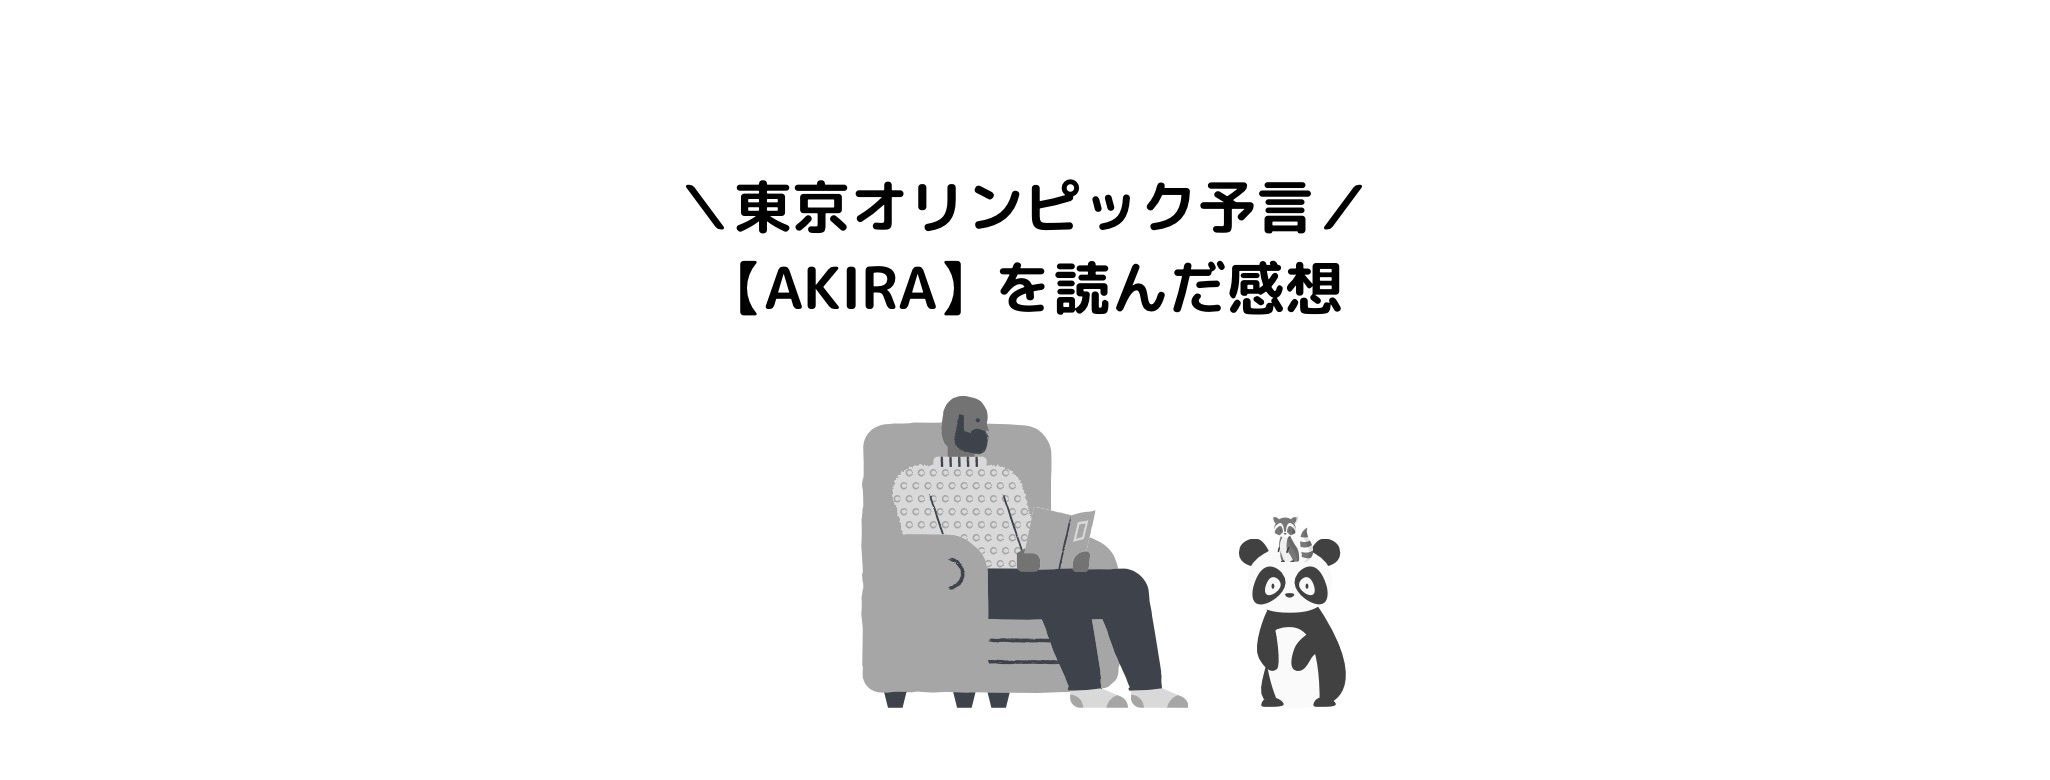 オリンピック 予言 東京